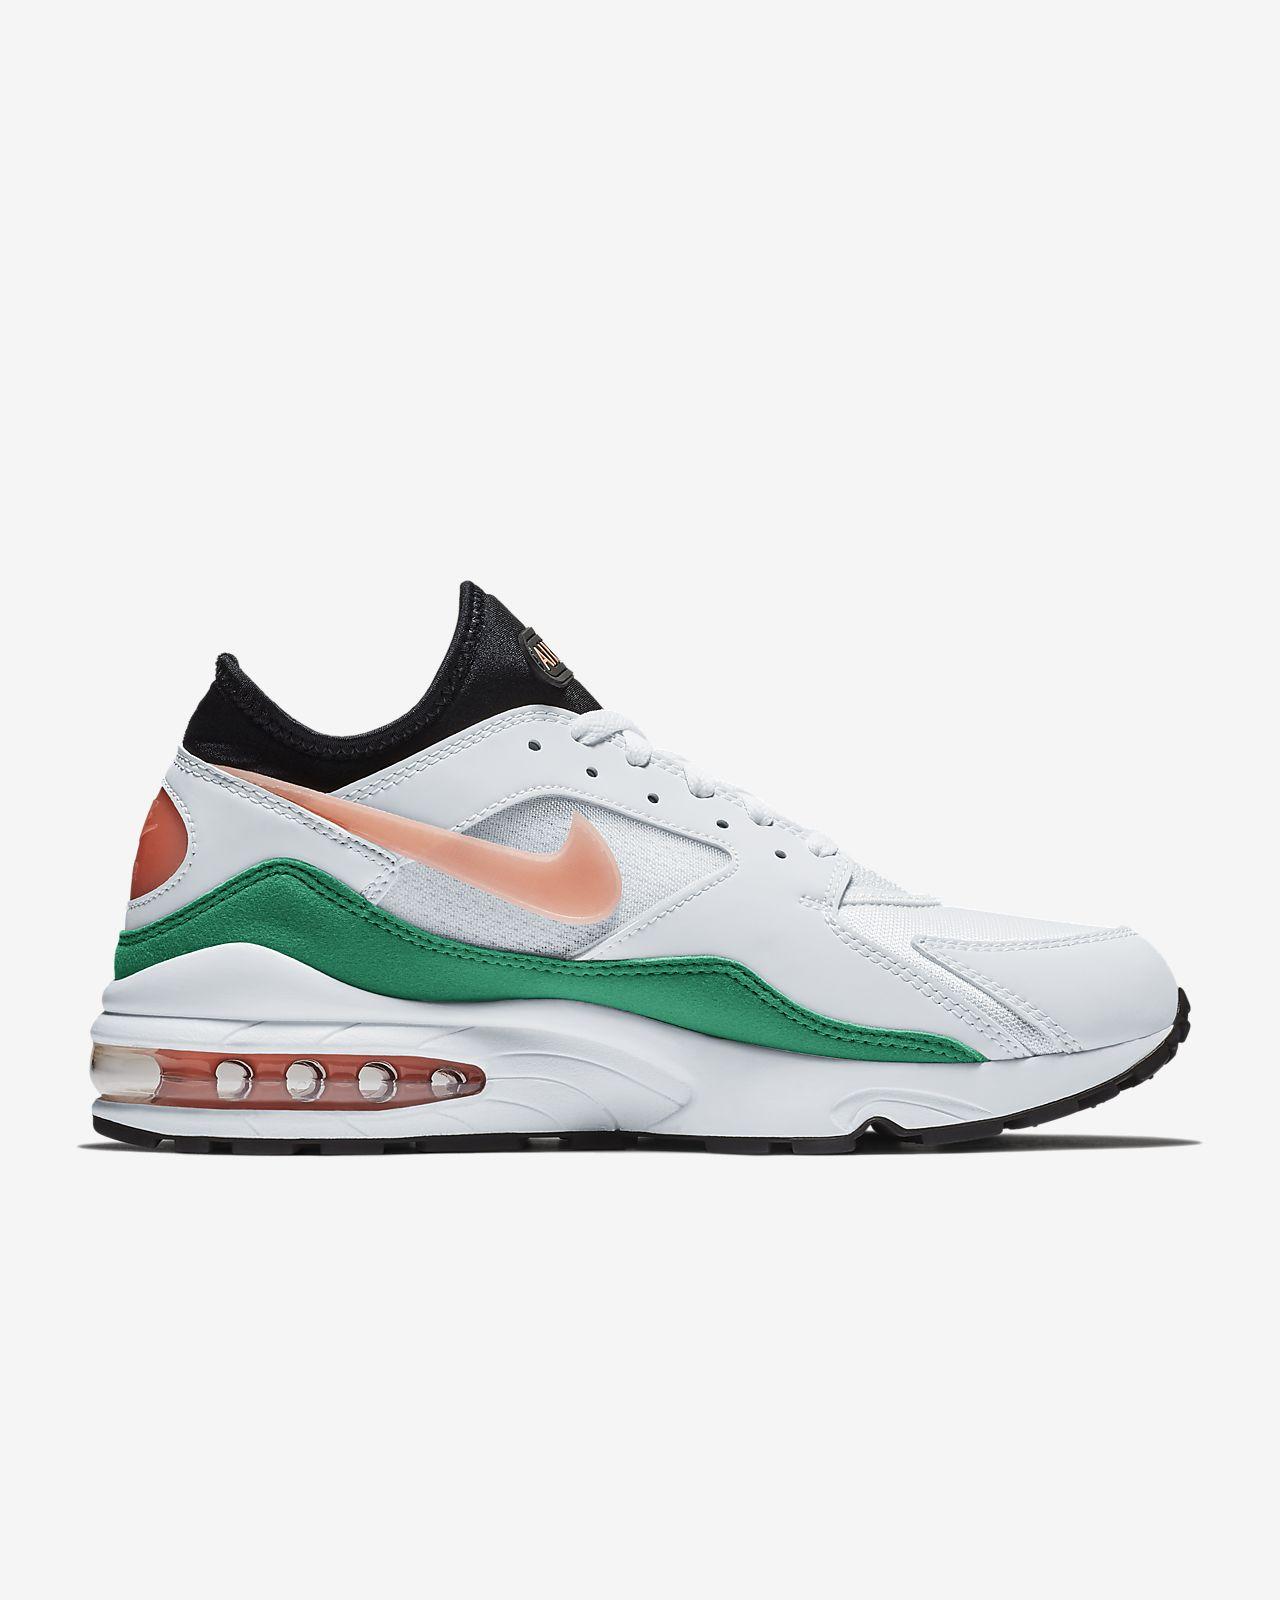 e86f30ffd6d2 Chaussure Nike Air Max 93 pour Homme. Nike.com CA